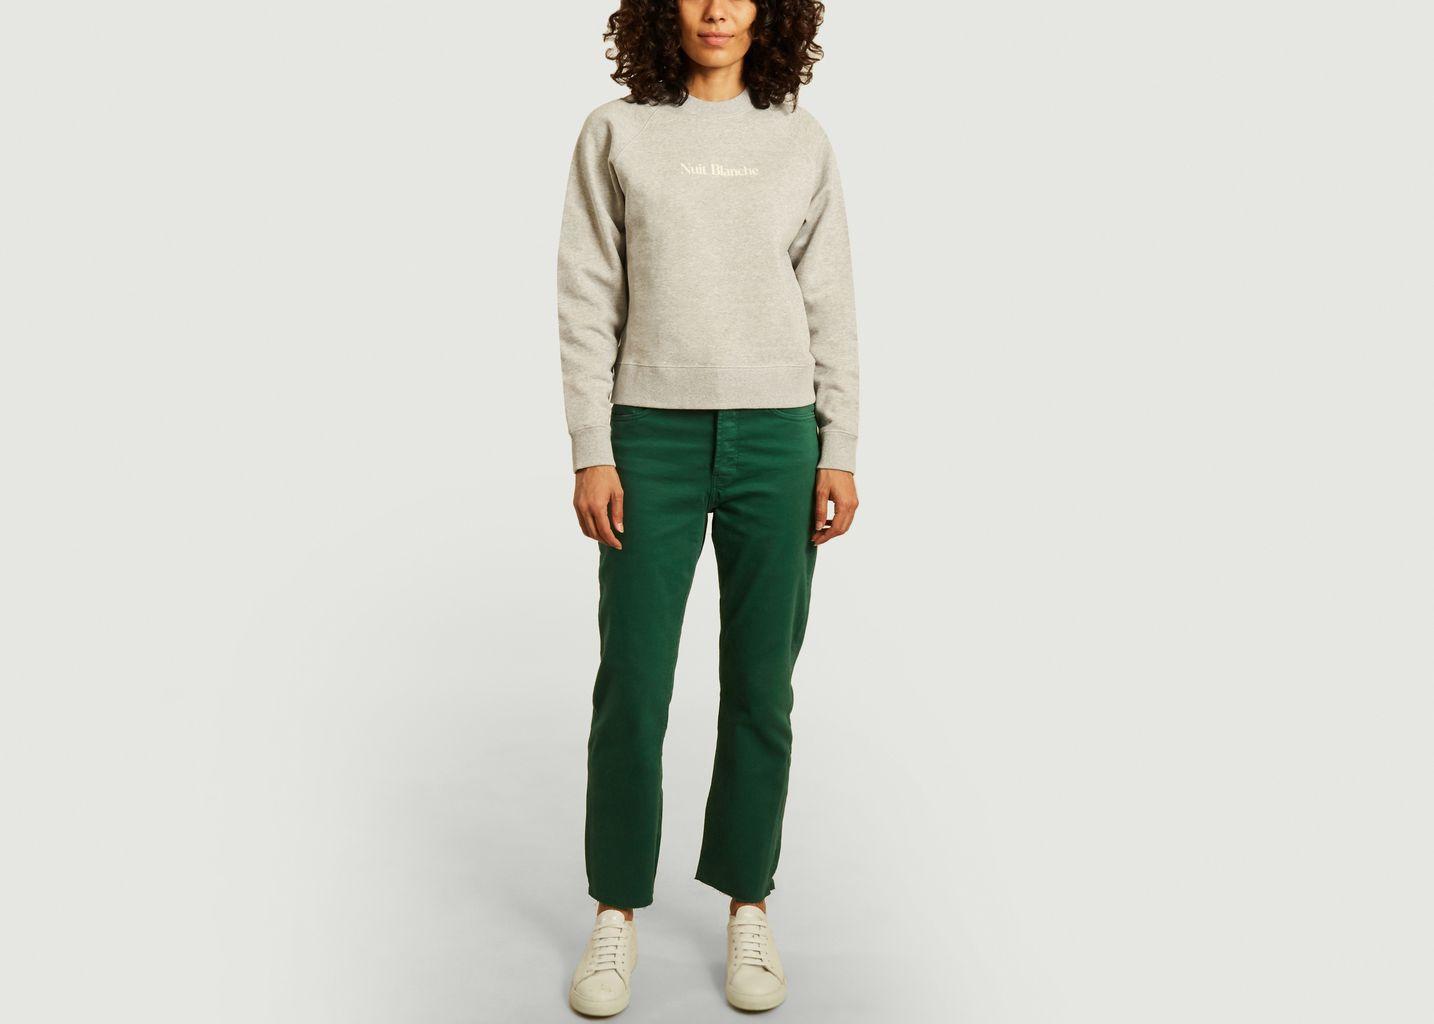 Sweatshirt Classic imprimé nuit blanche - Maison Labiche